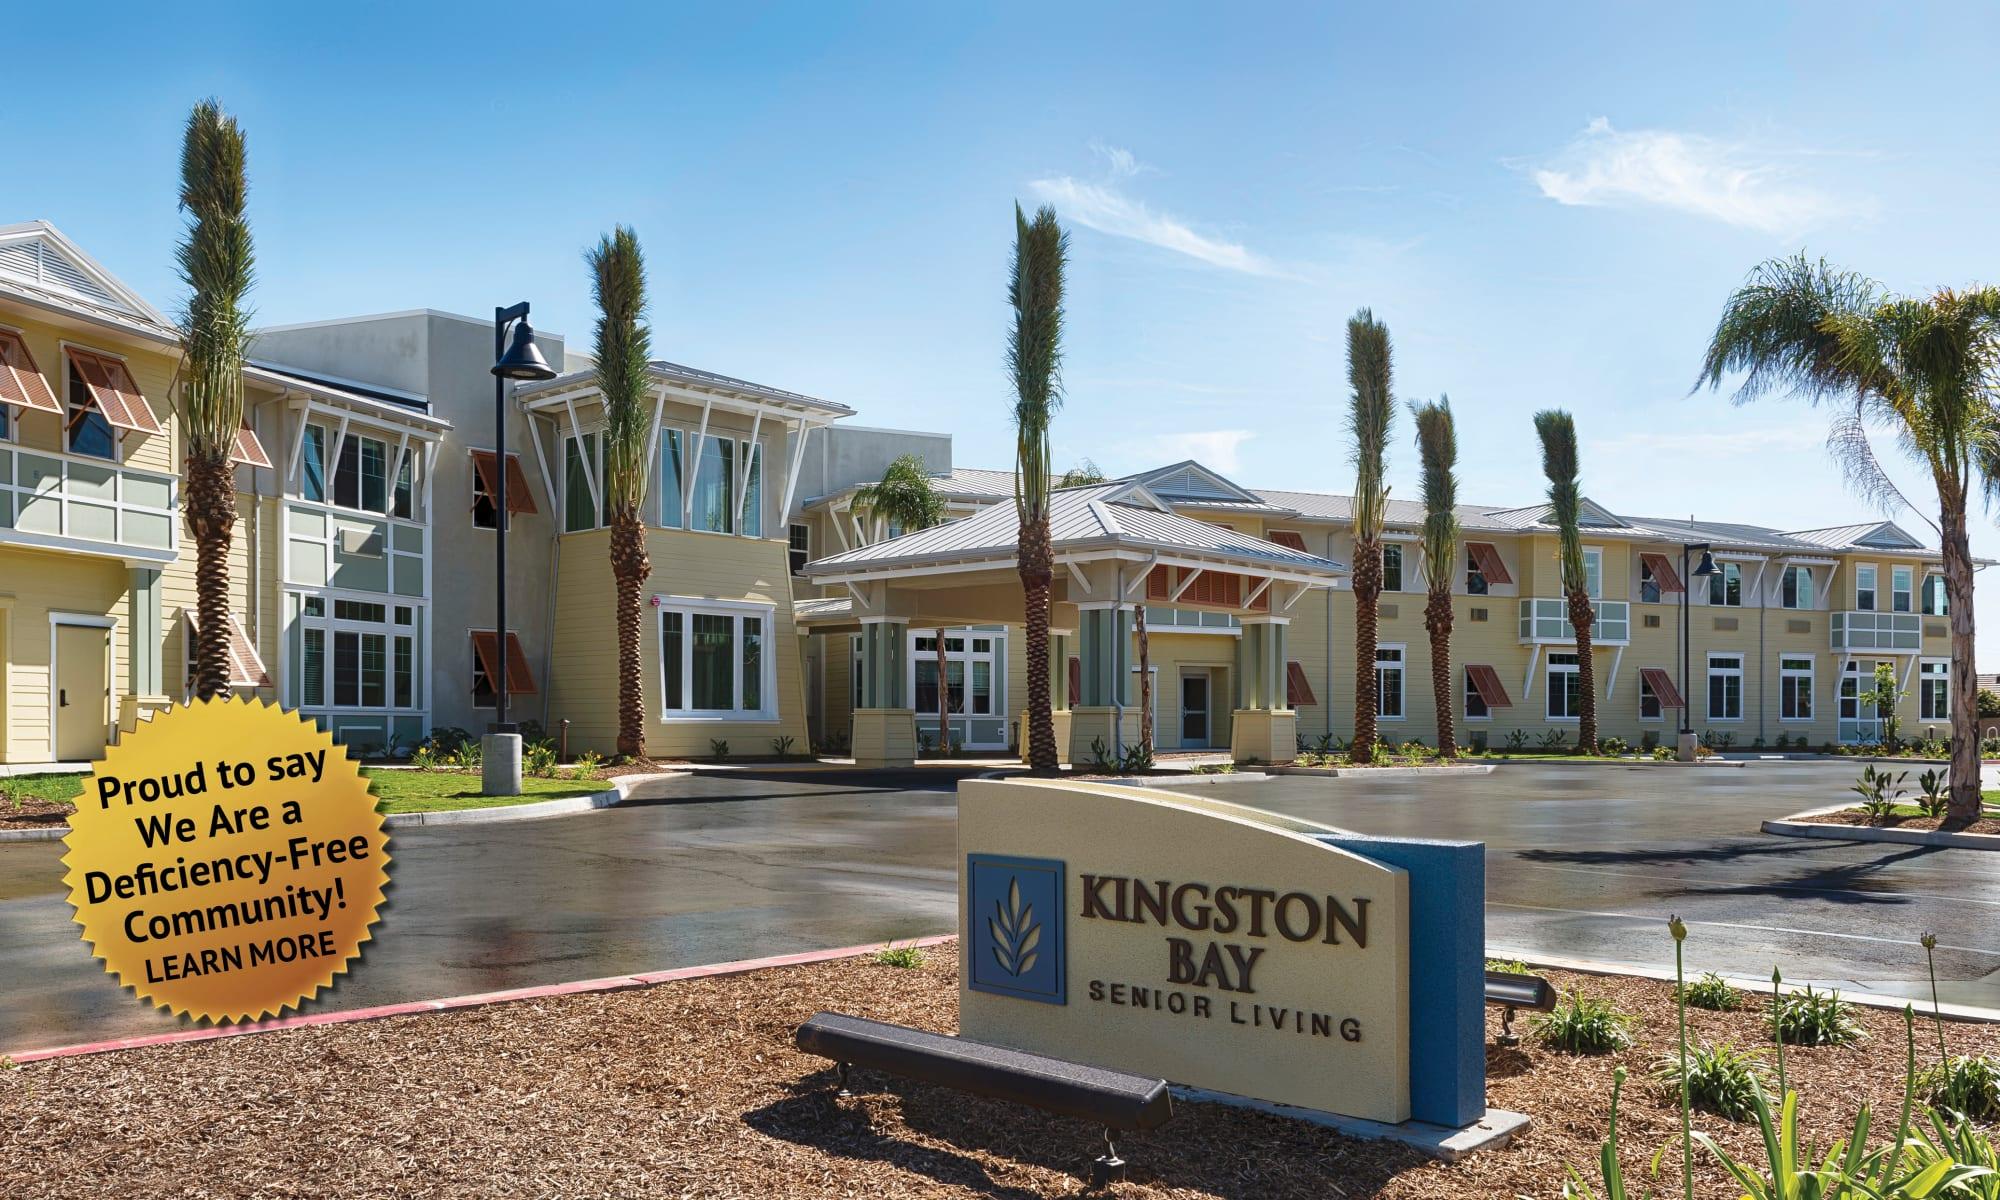 Senior living at Kingston Bay Senior Living in Fresno, California